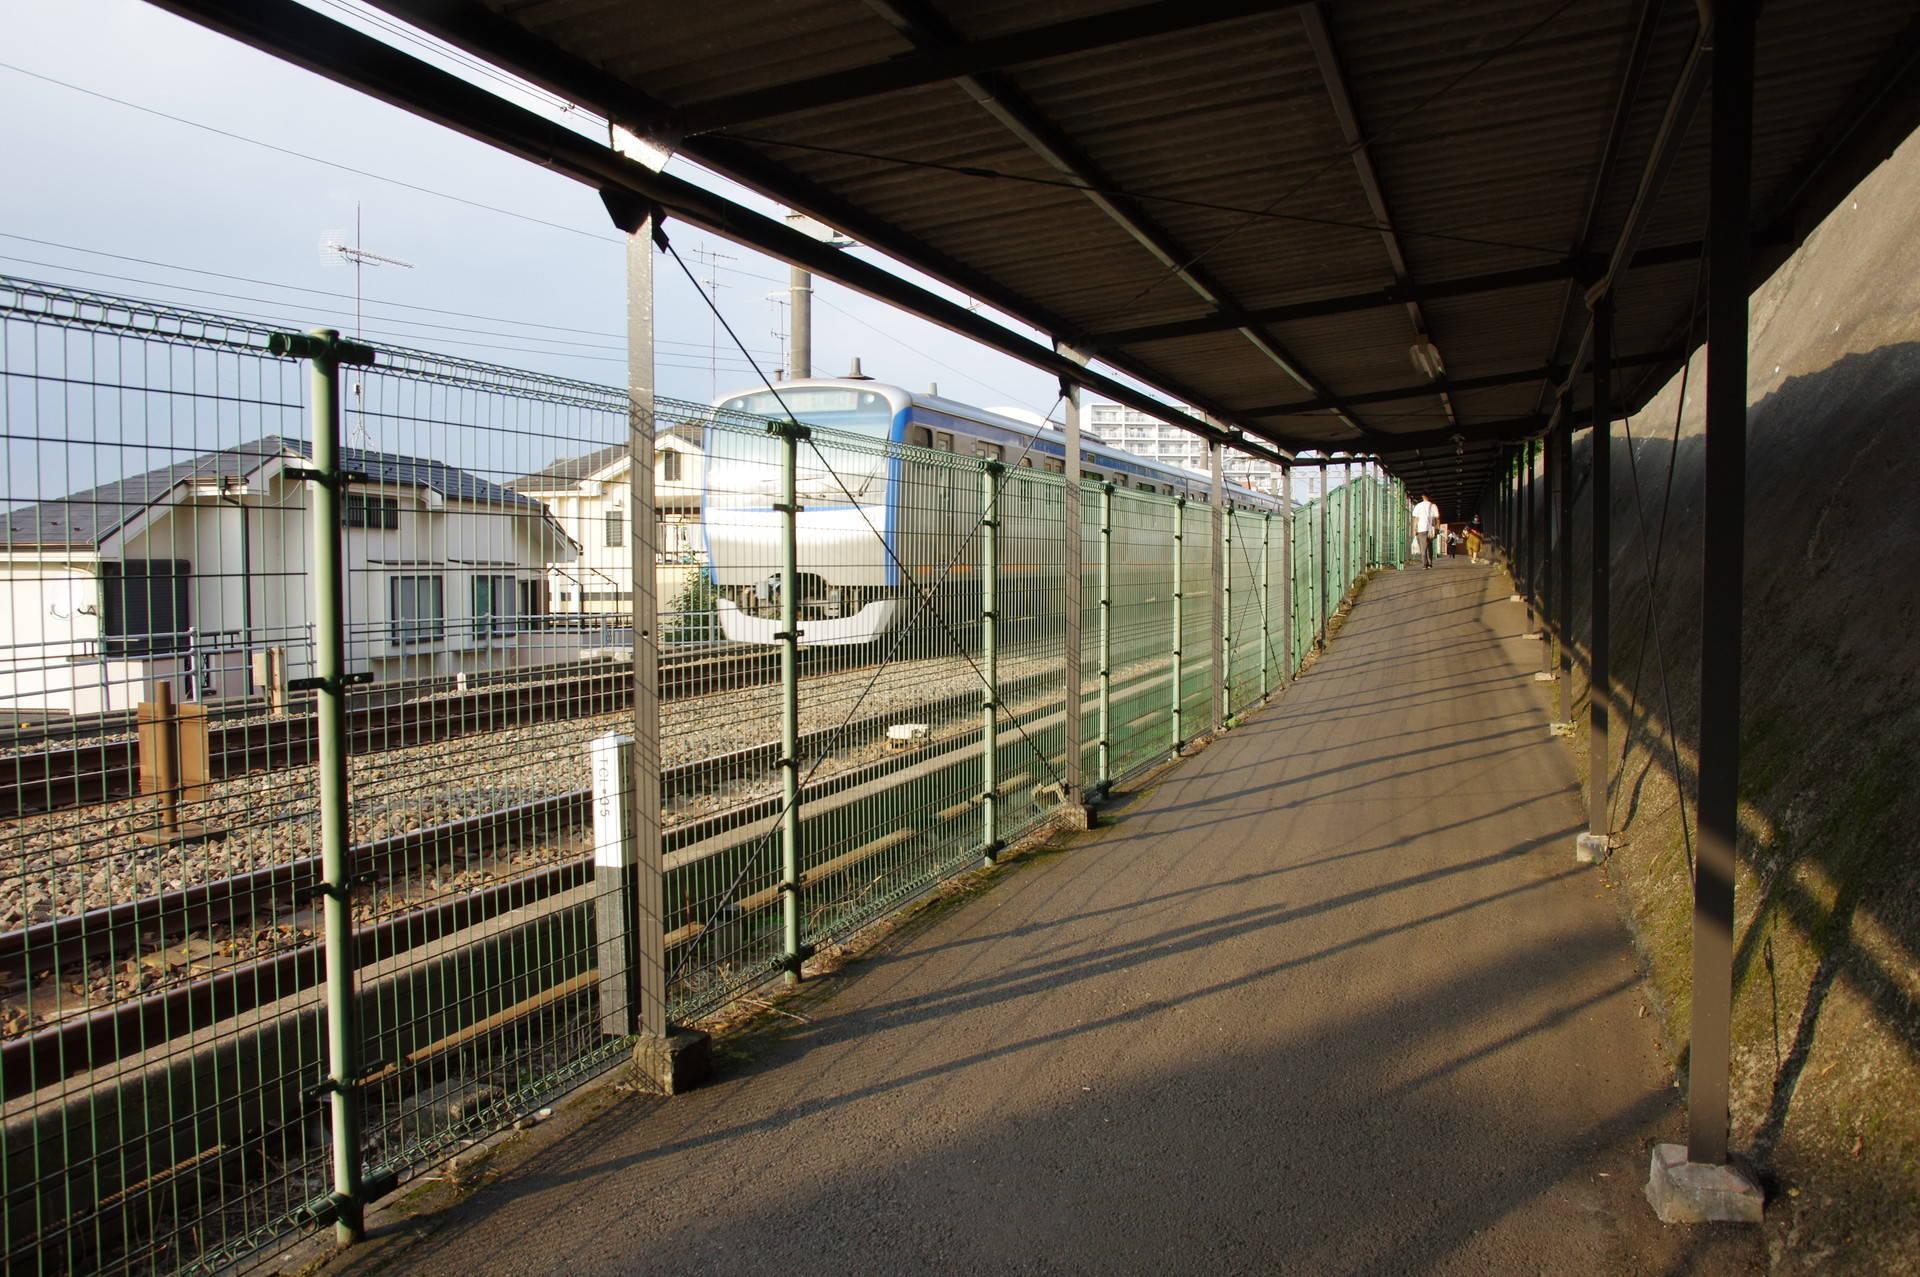 通路が高くなっている箇所と電車